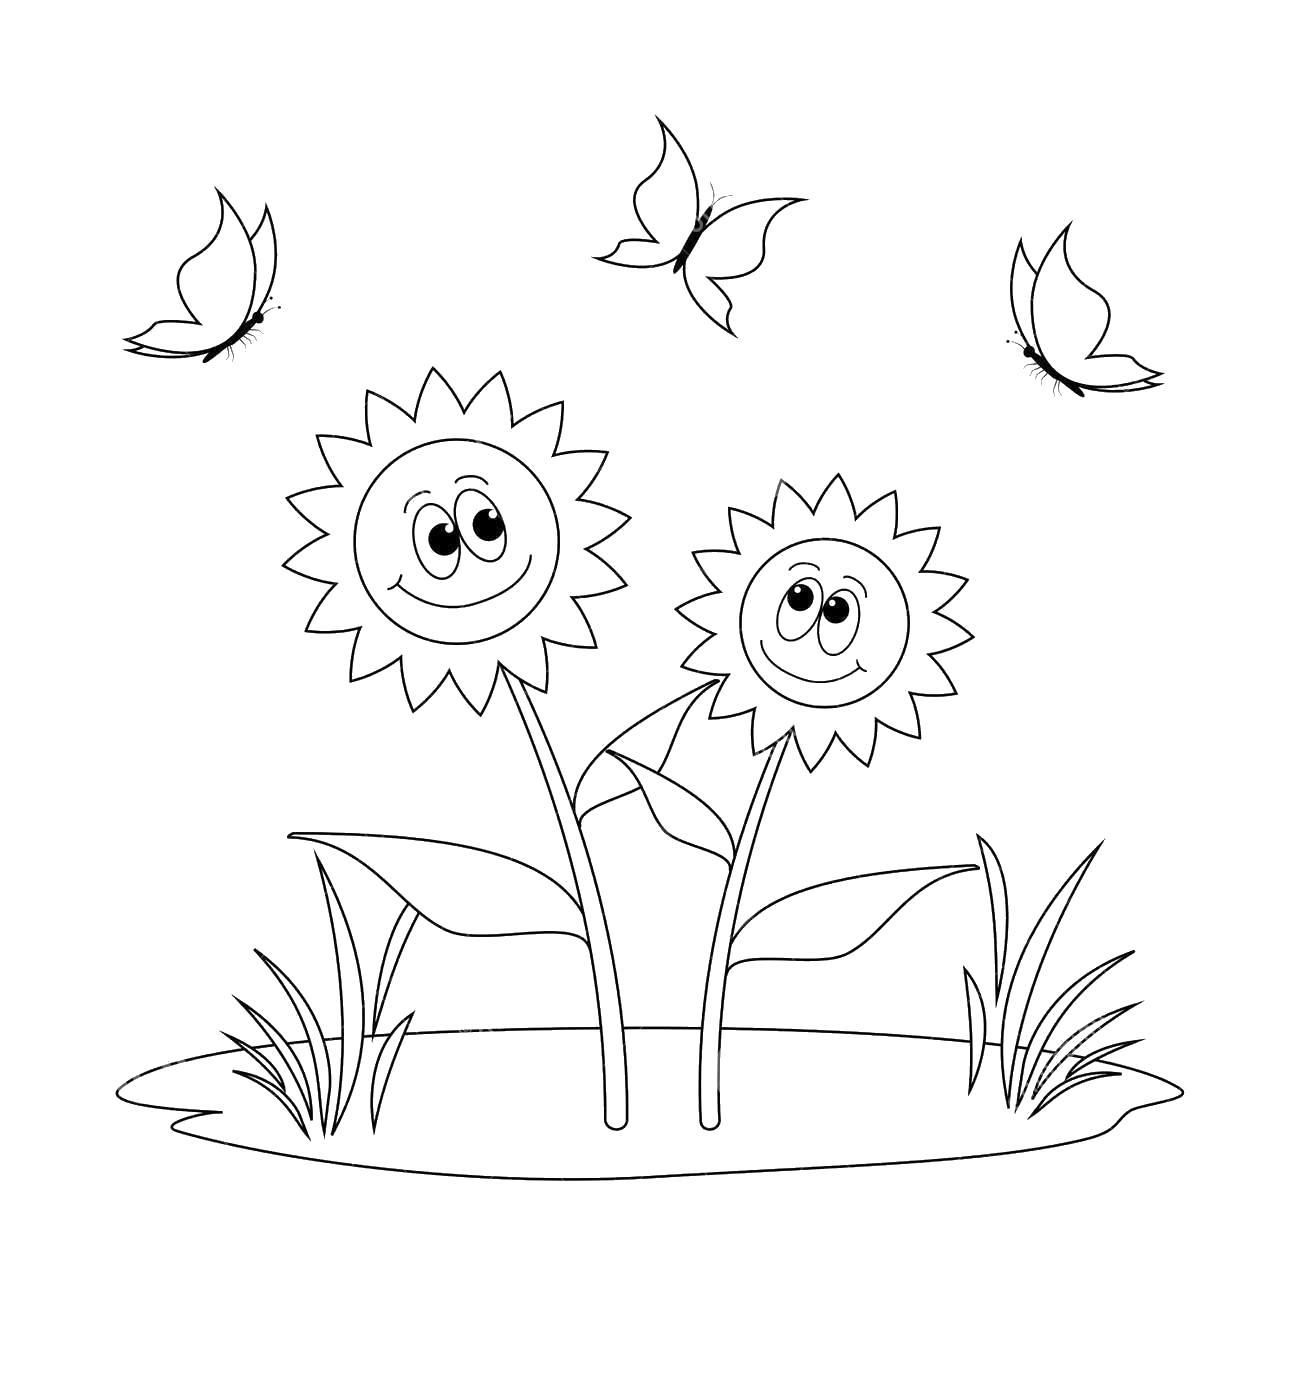 Два подсолнуха на поляне с травой а над ними летают бабочки Раскраски цветочки онлайн